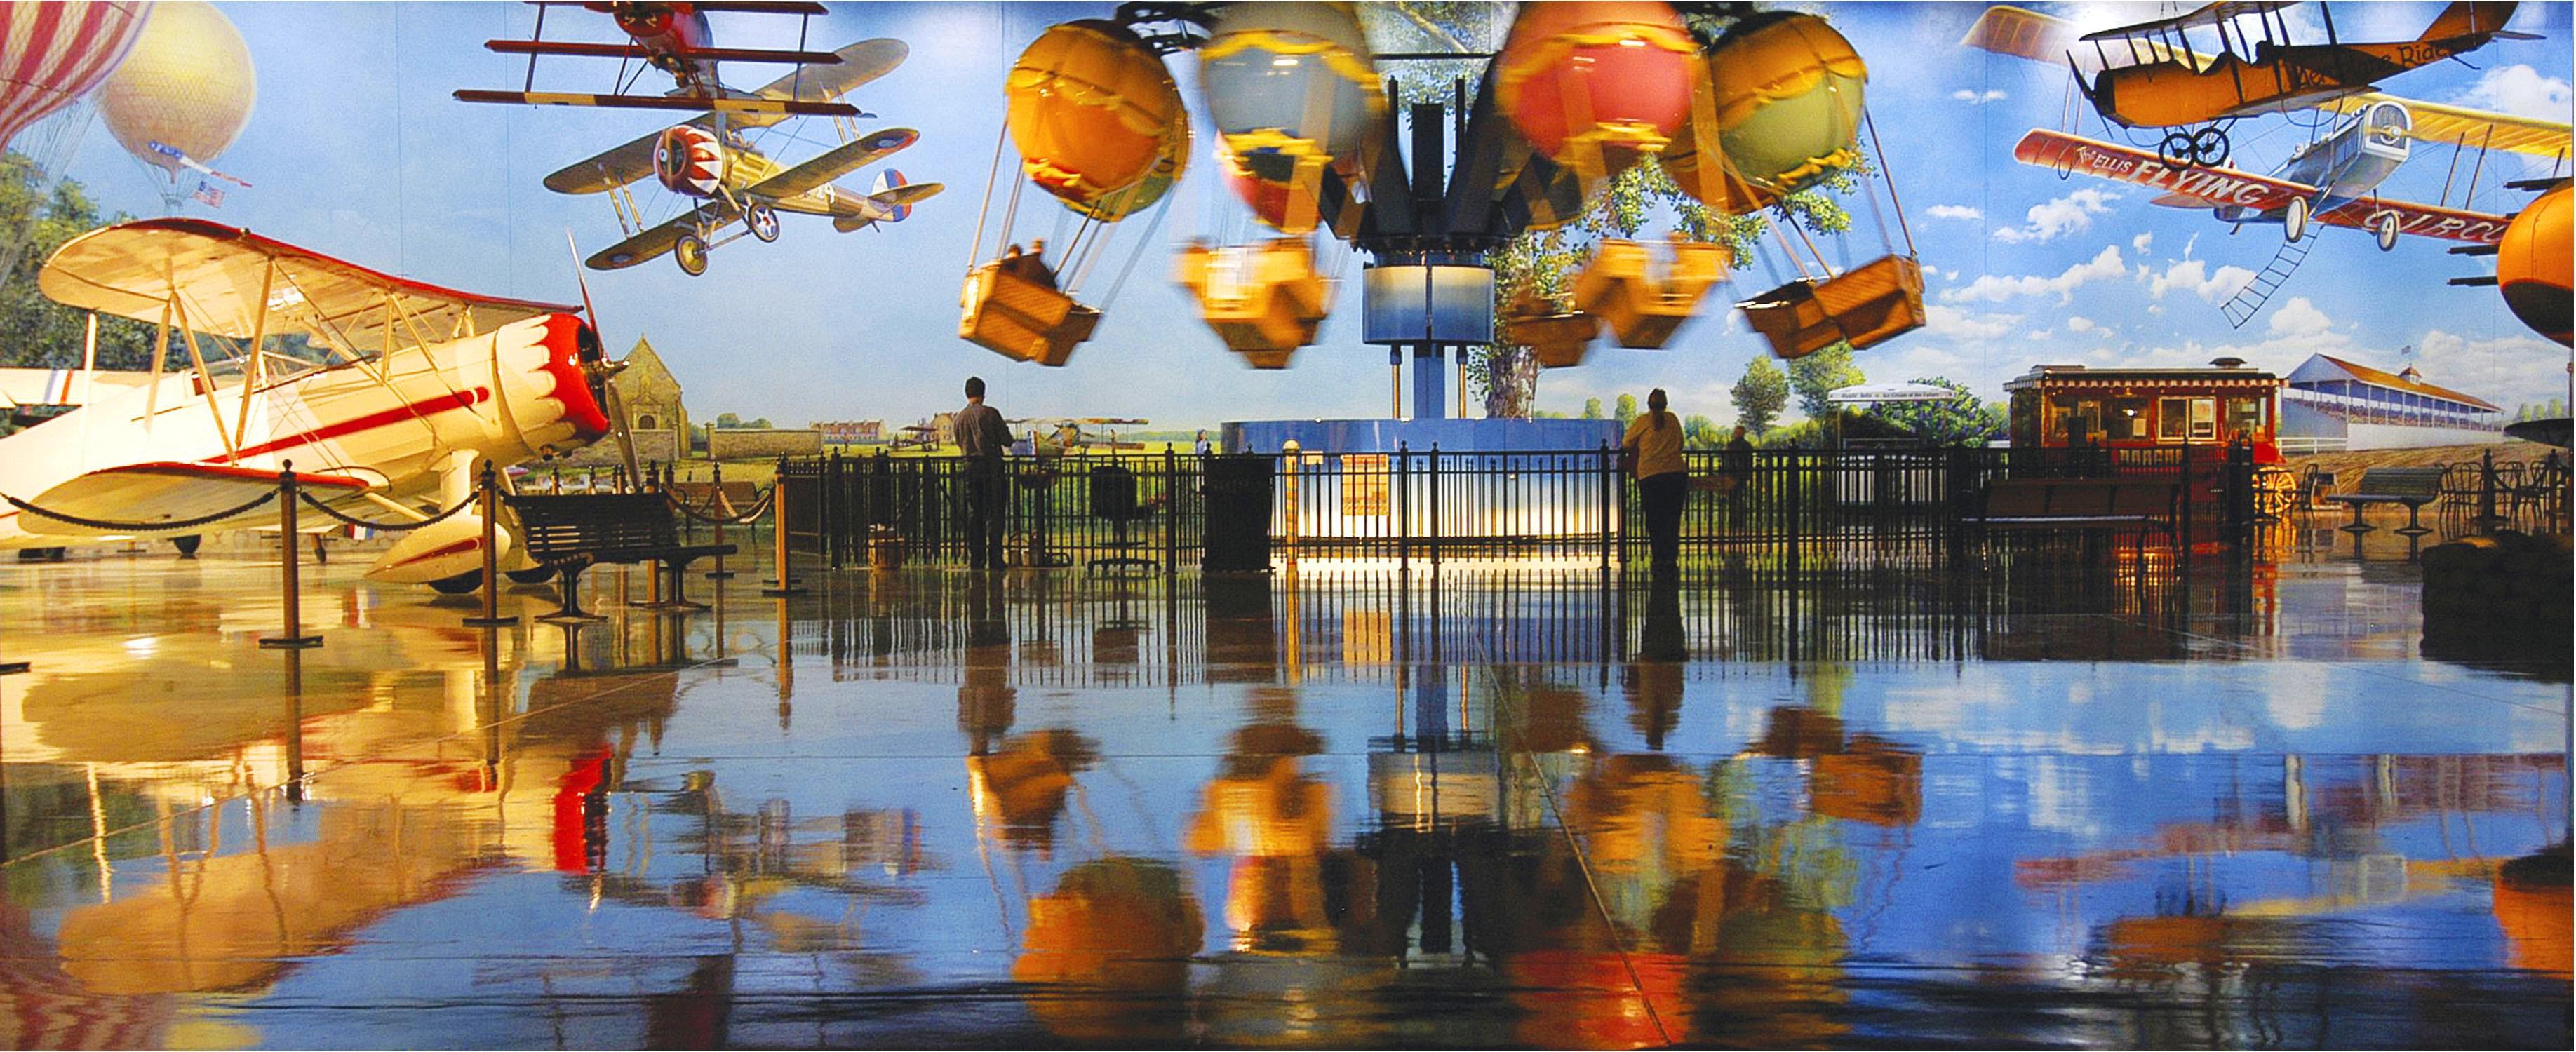 Air Zoo | LinkedIn